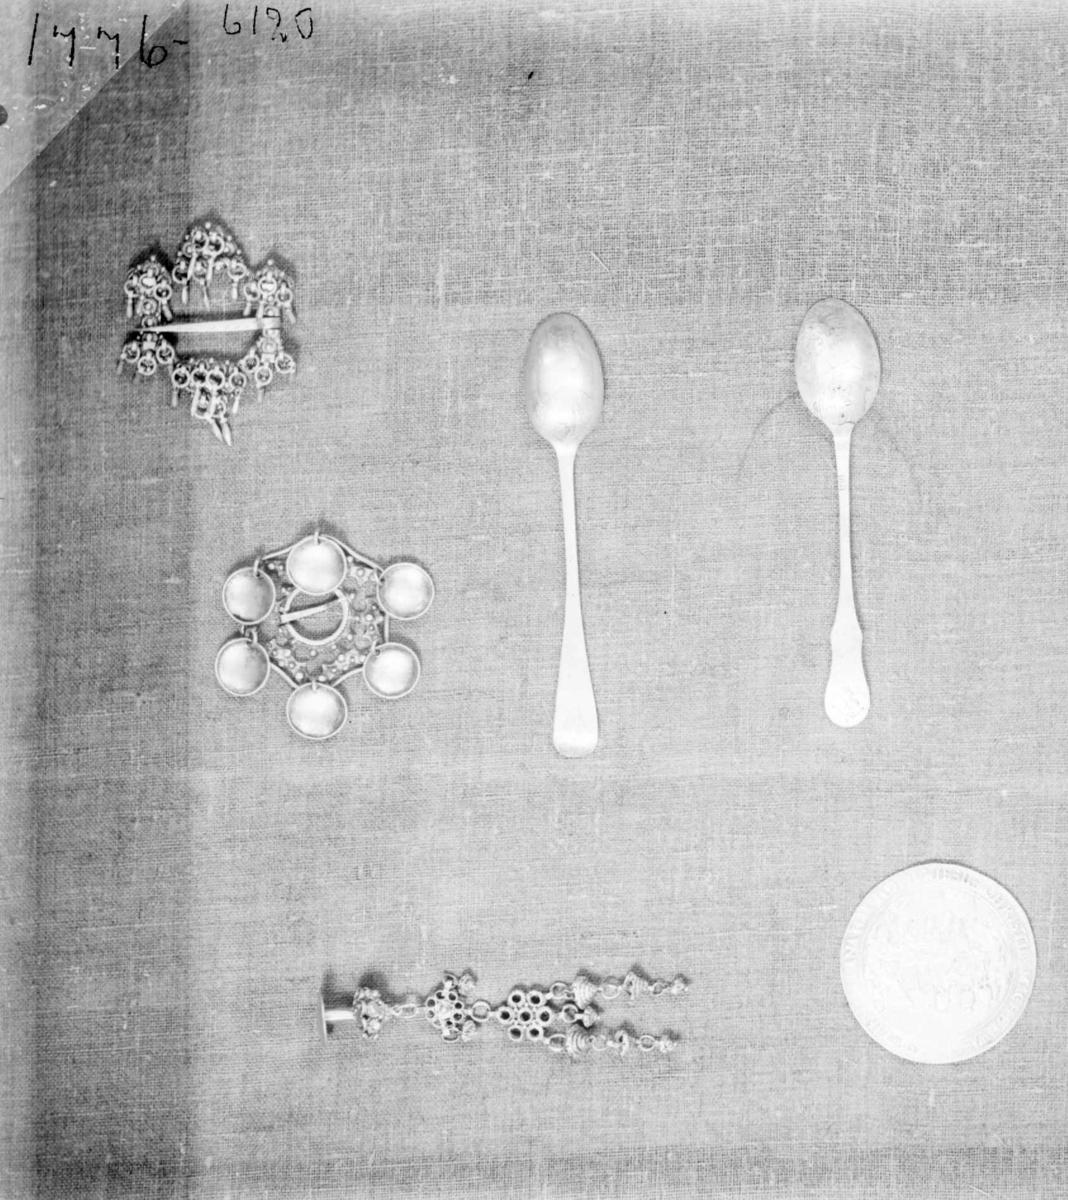 Teskje av sølv. Skjeen har gravert dekor av barokkskjell på baksiden av skjehodet.